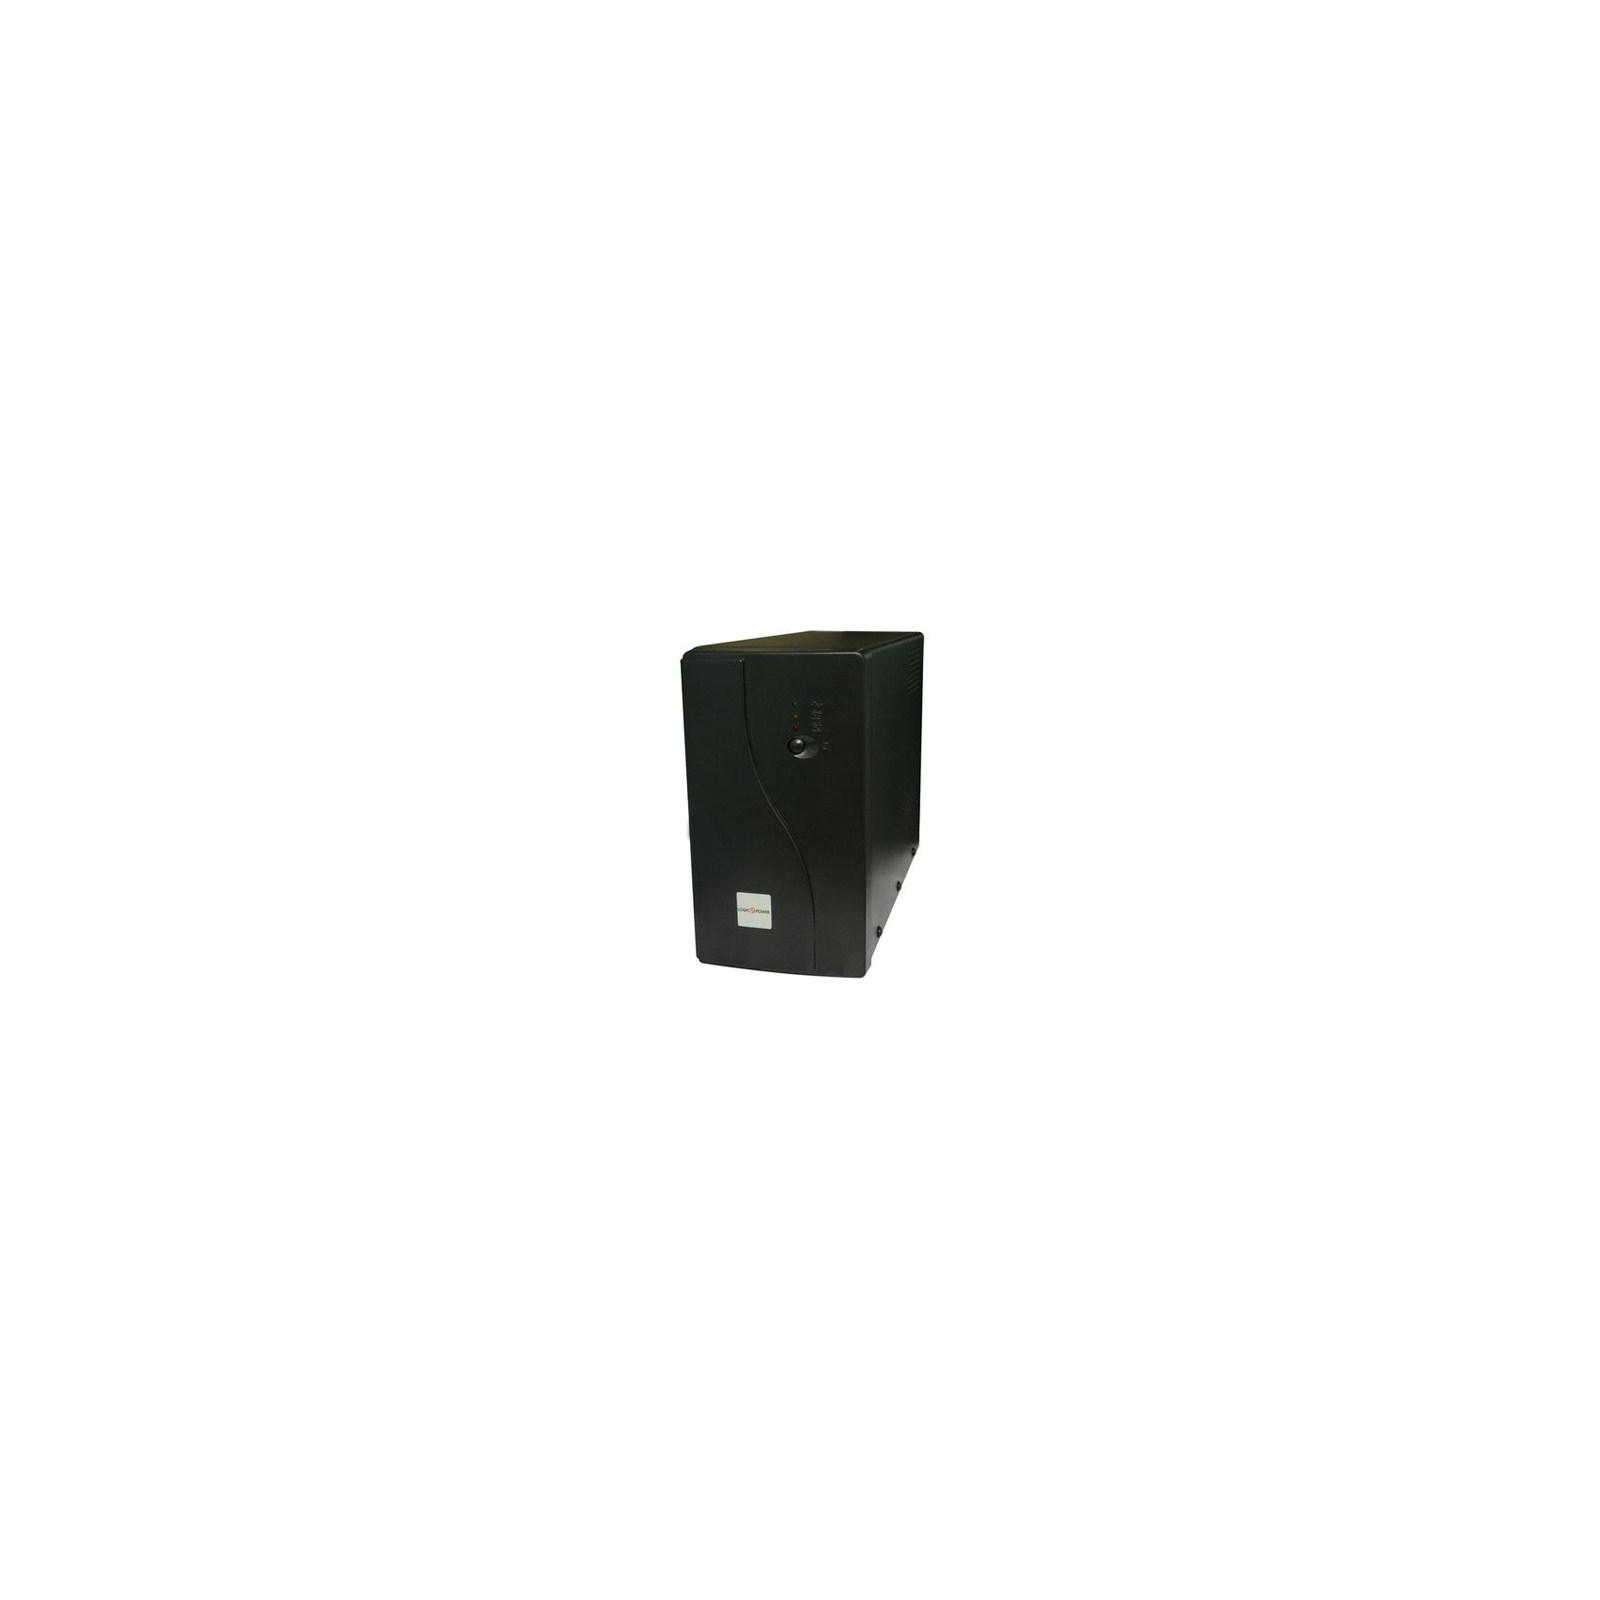 Источник бесперебойного питания U850VA (AVR) USB LogicPower (1213)